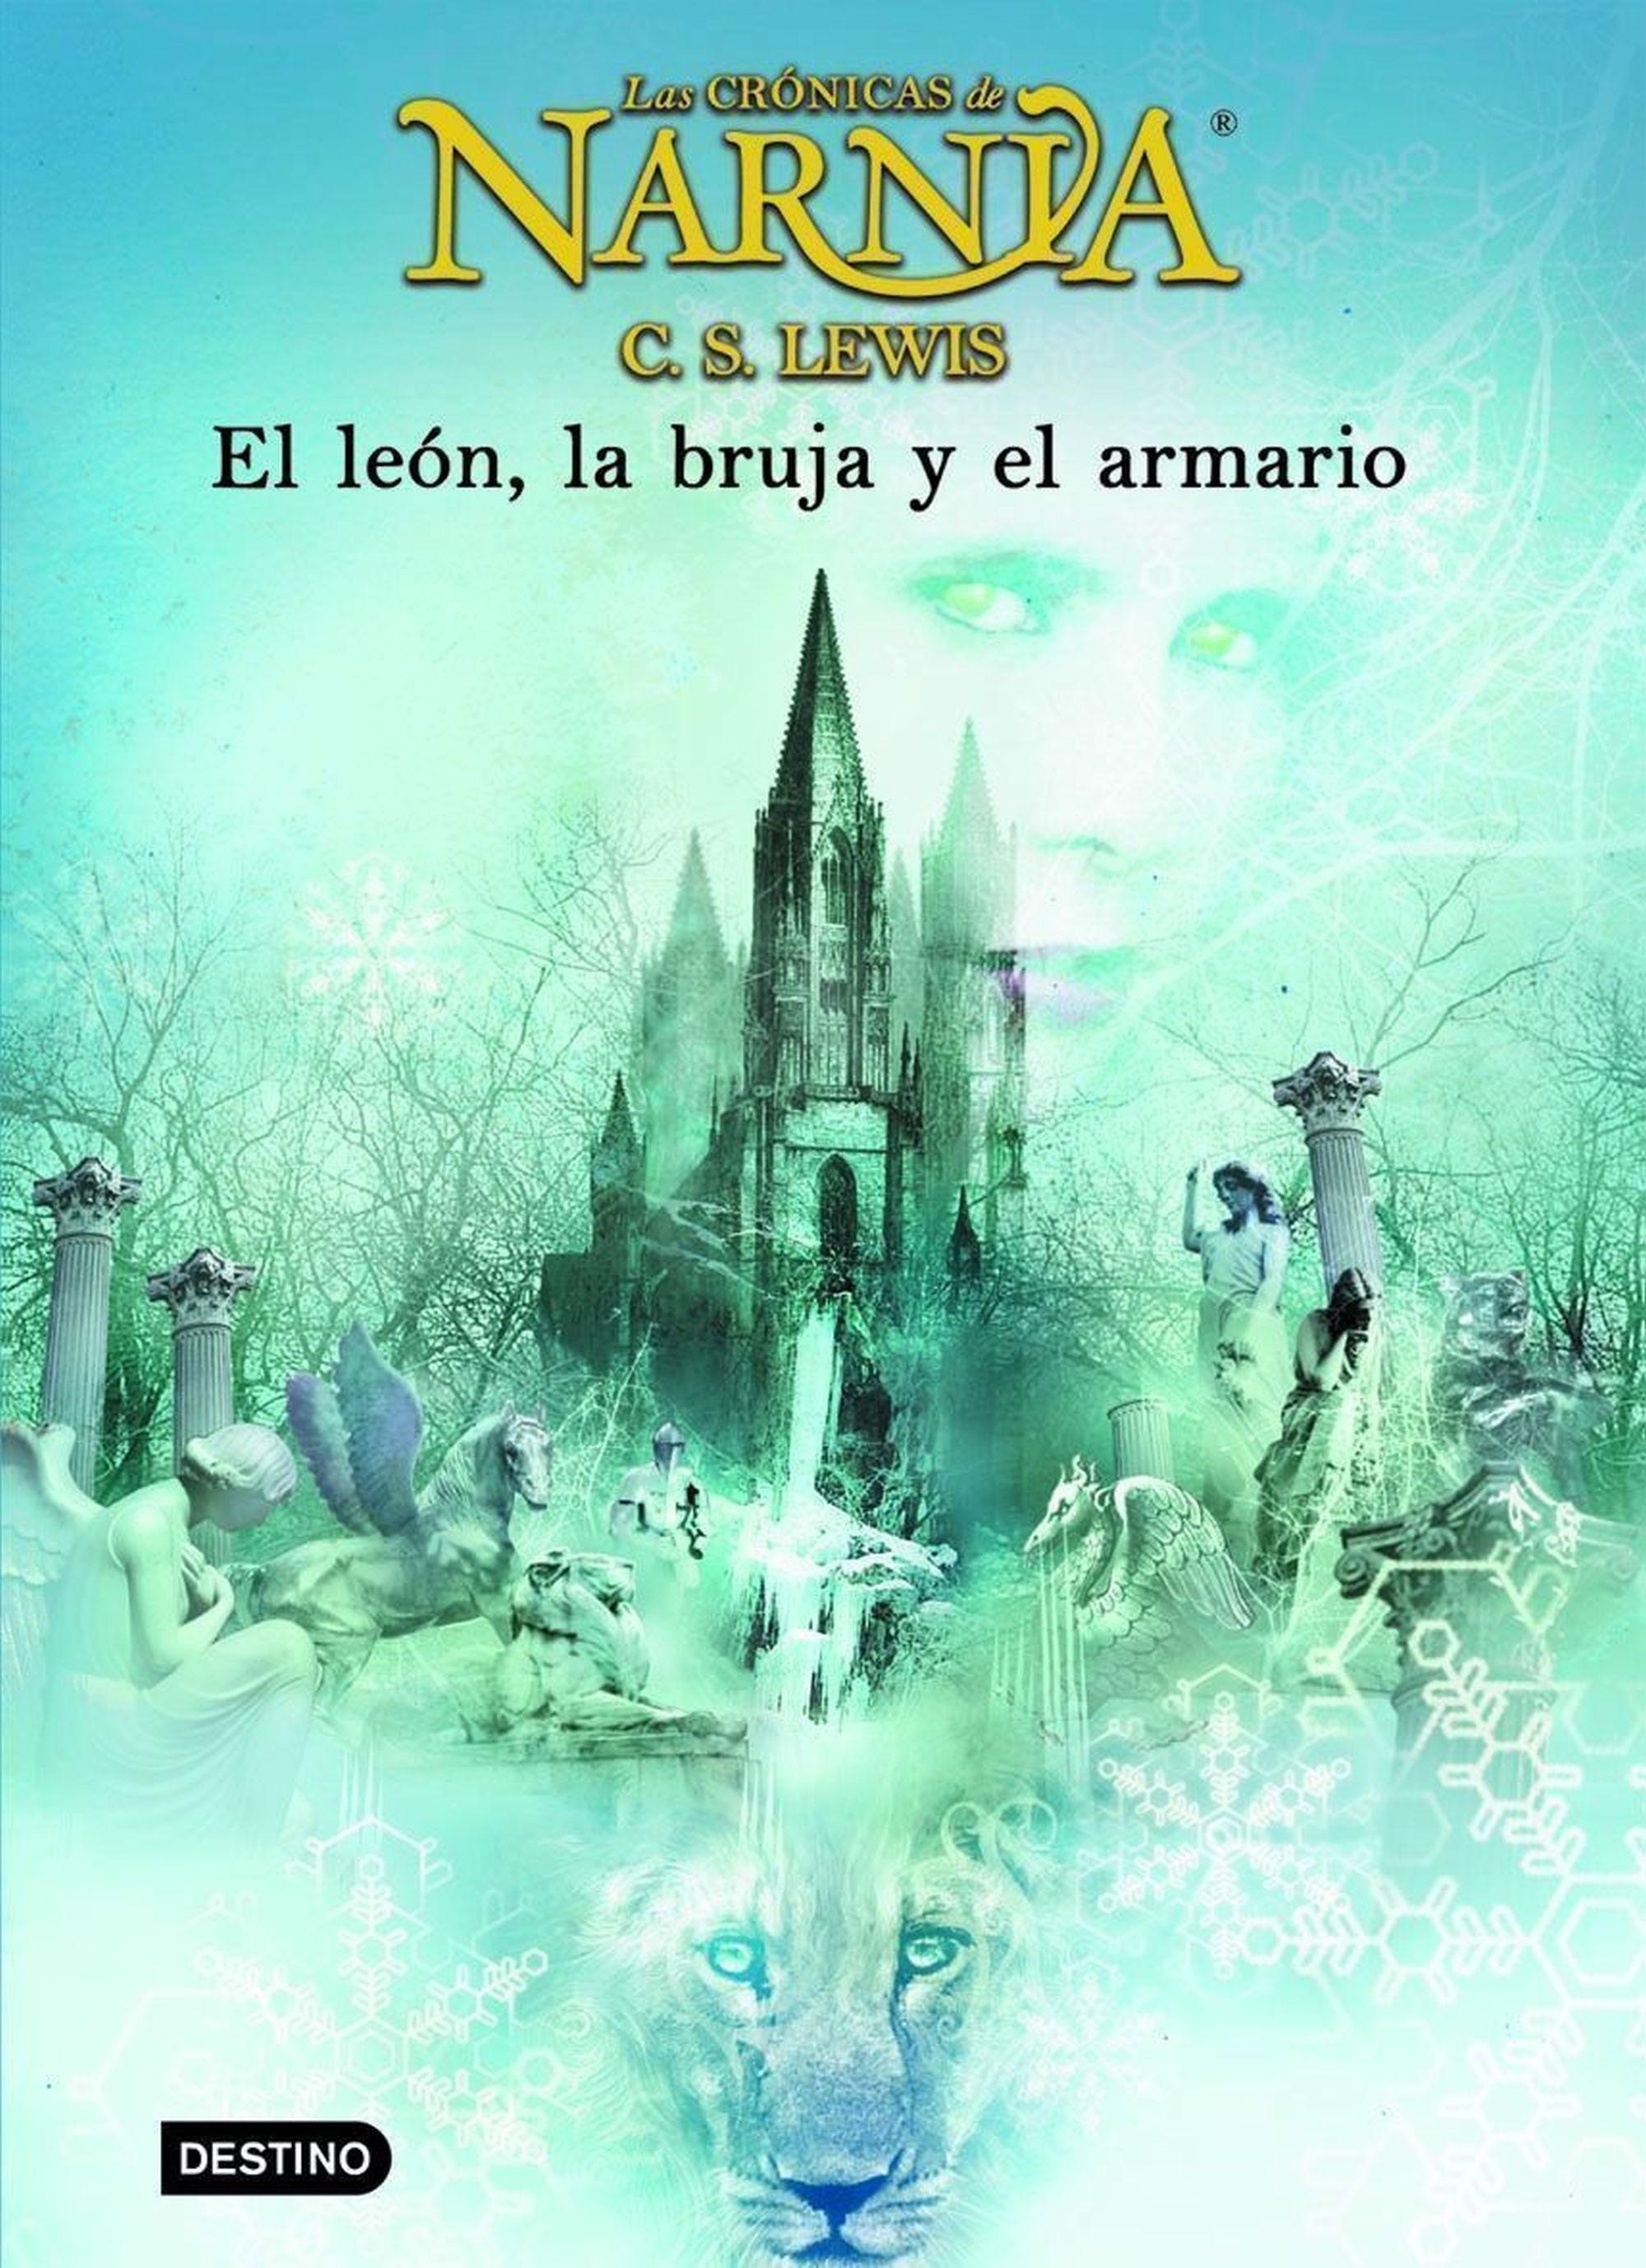 Las Crónicas de Narnia #2: El león, la bruja y el armario